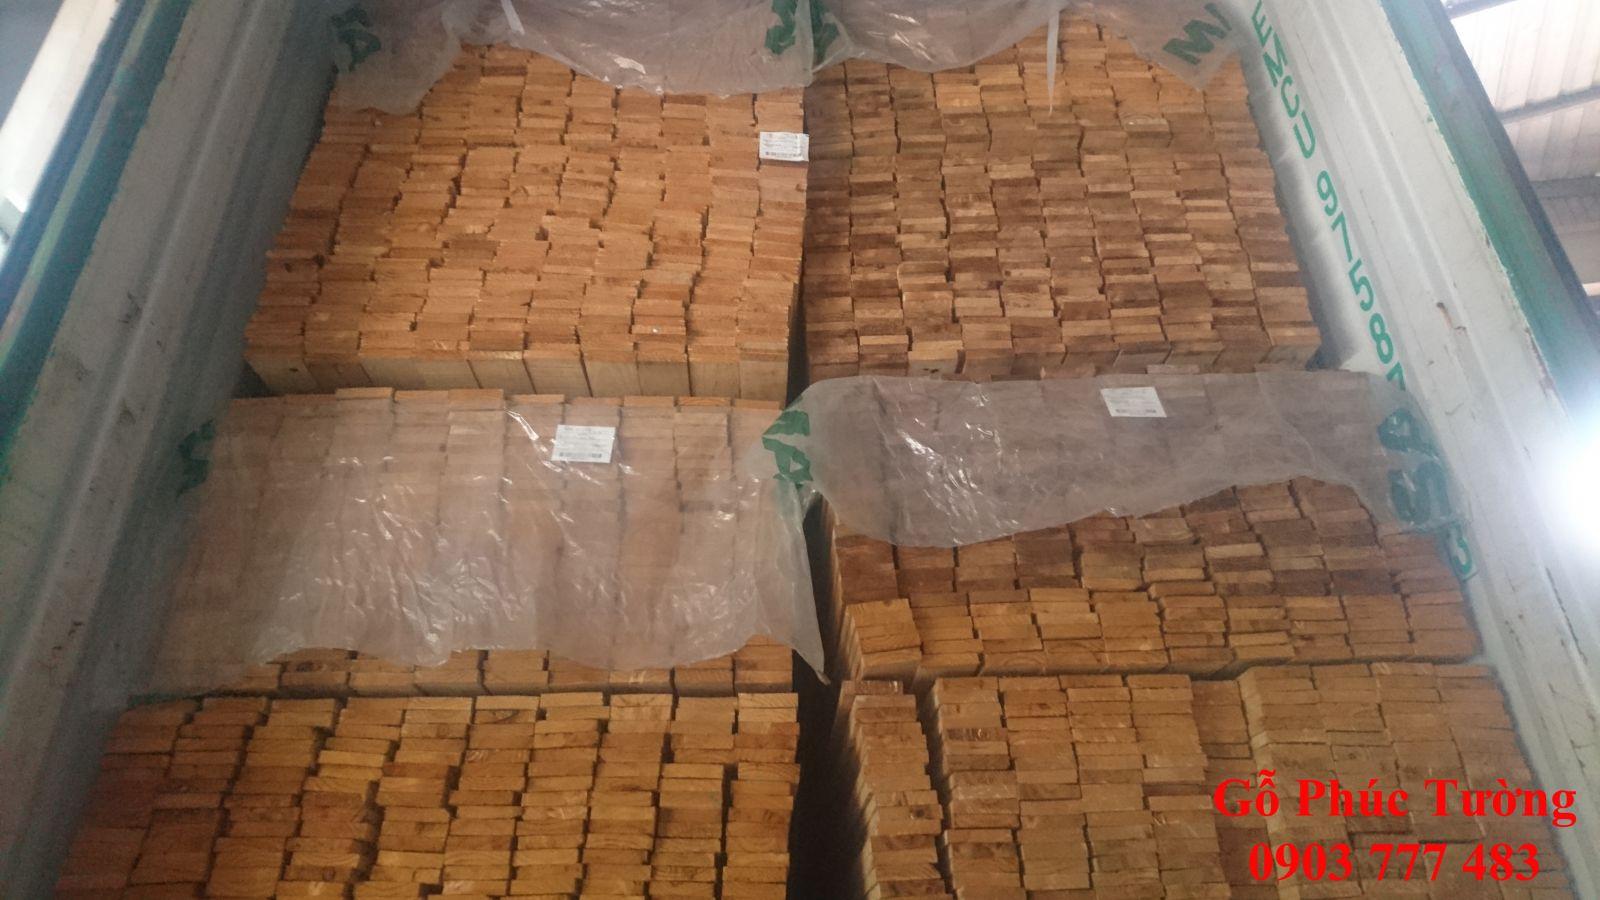 Gỗ thông Chile xẻ sấy nhập khẩu - Gỗ Phúc Tường - 5